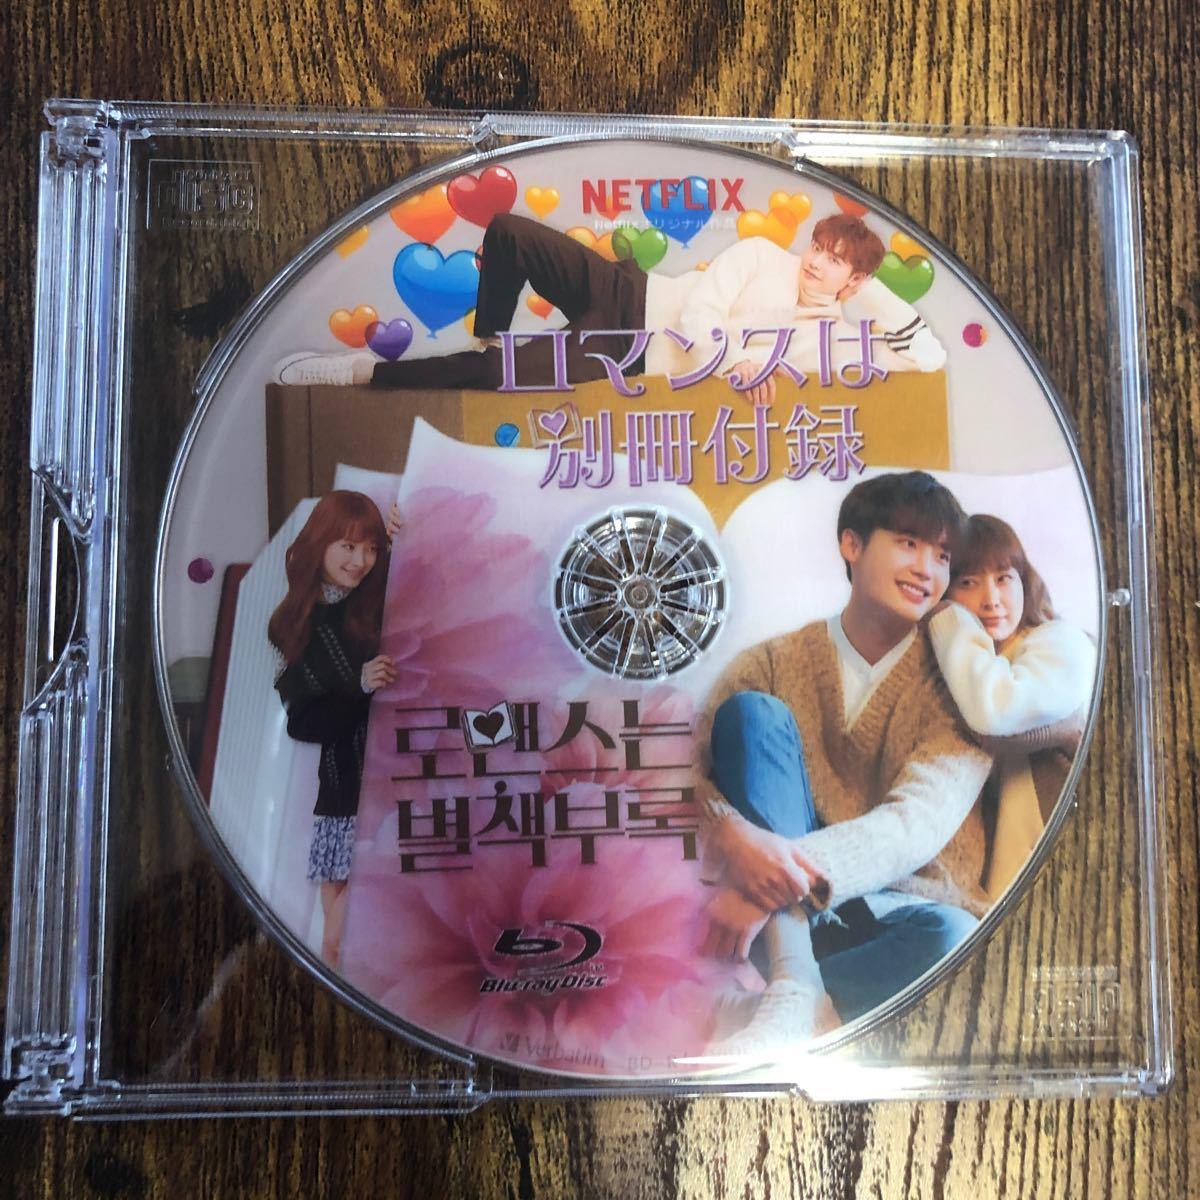 韓国ドラマ ロマンスは別冊付録 全話 Blu-ray